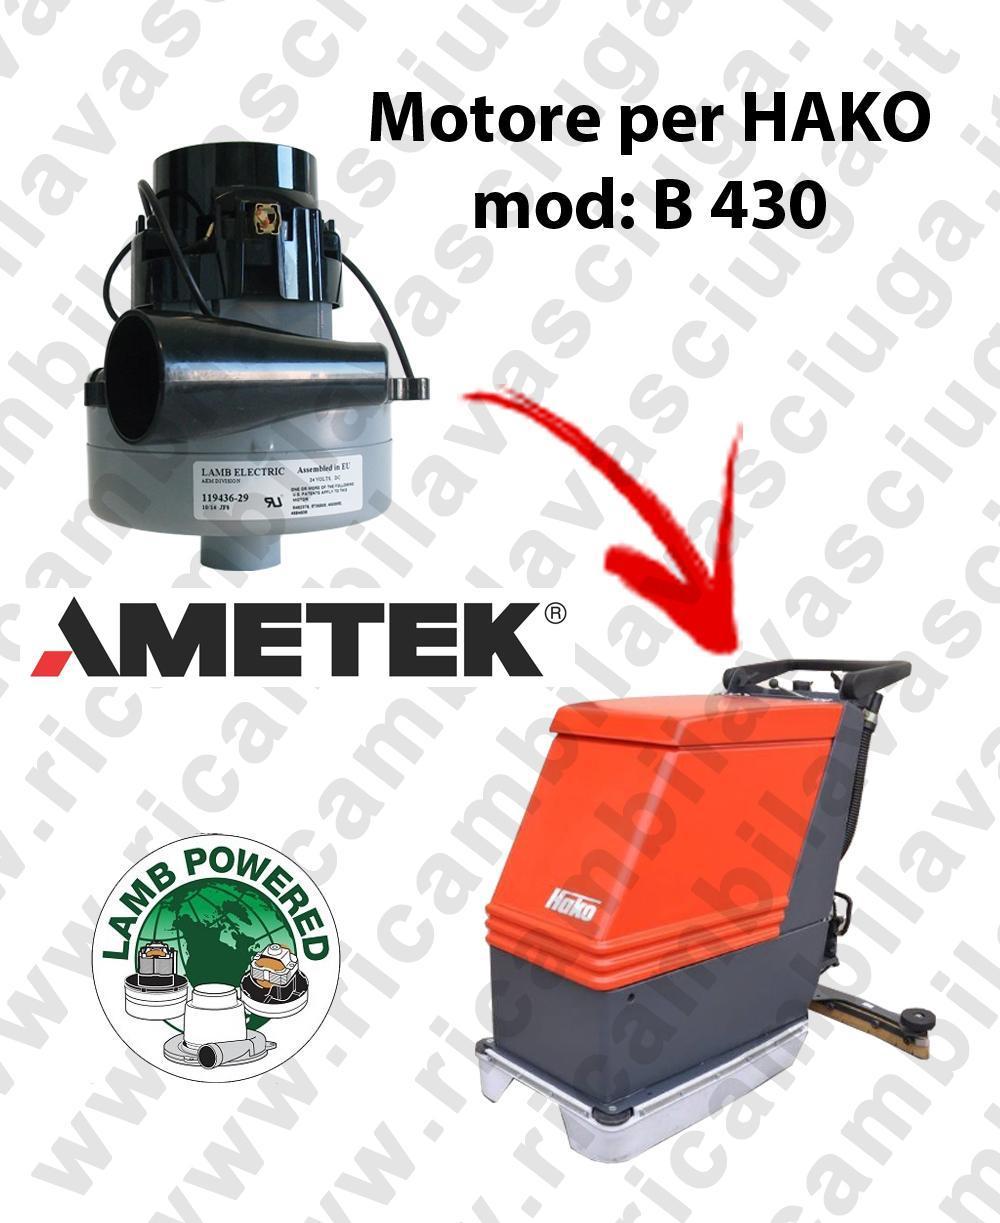 B 430 LAMB AMETEK vacuum motor for scrubber dryer HAKO